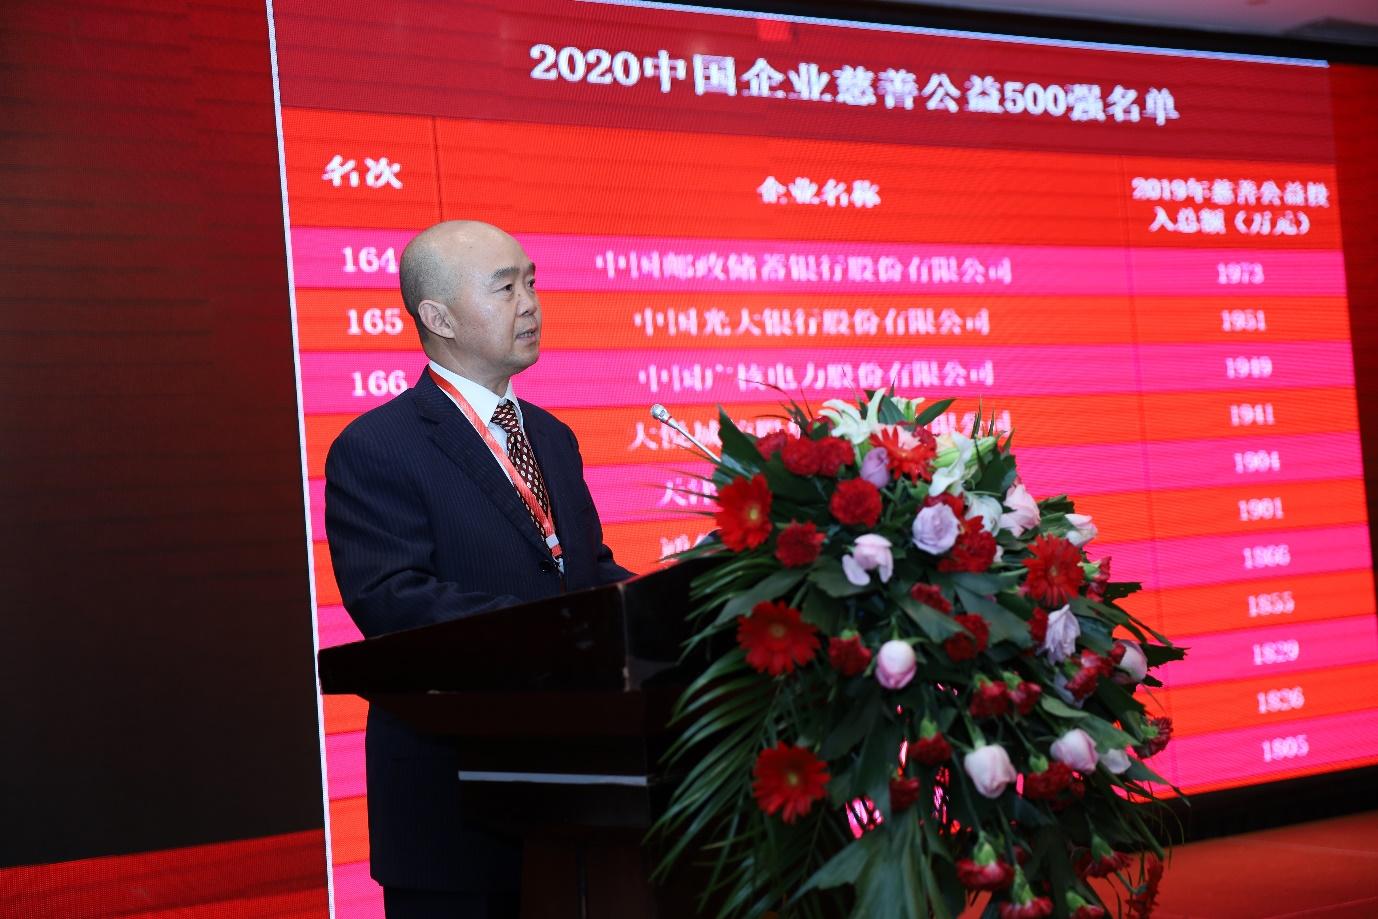 福佳集团荣获2020中国企业慈善公益500强